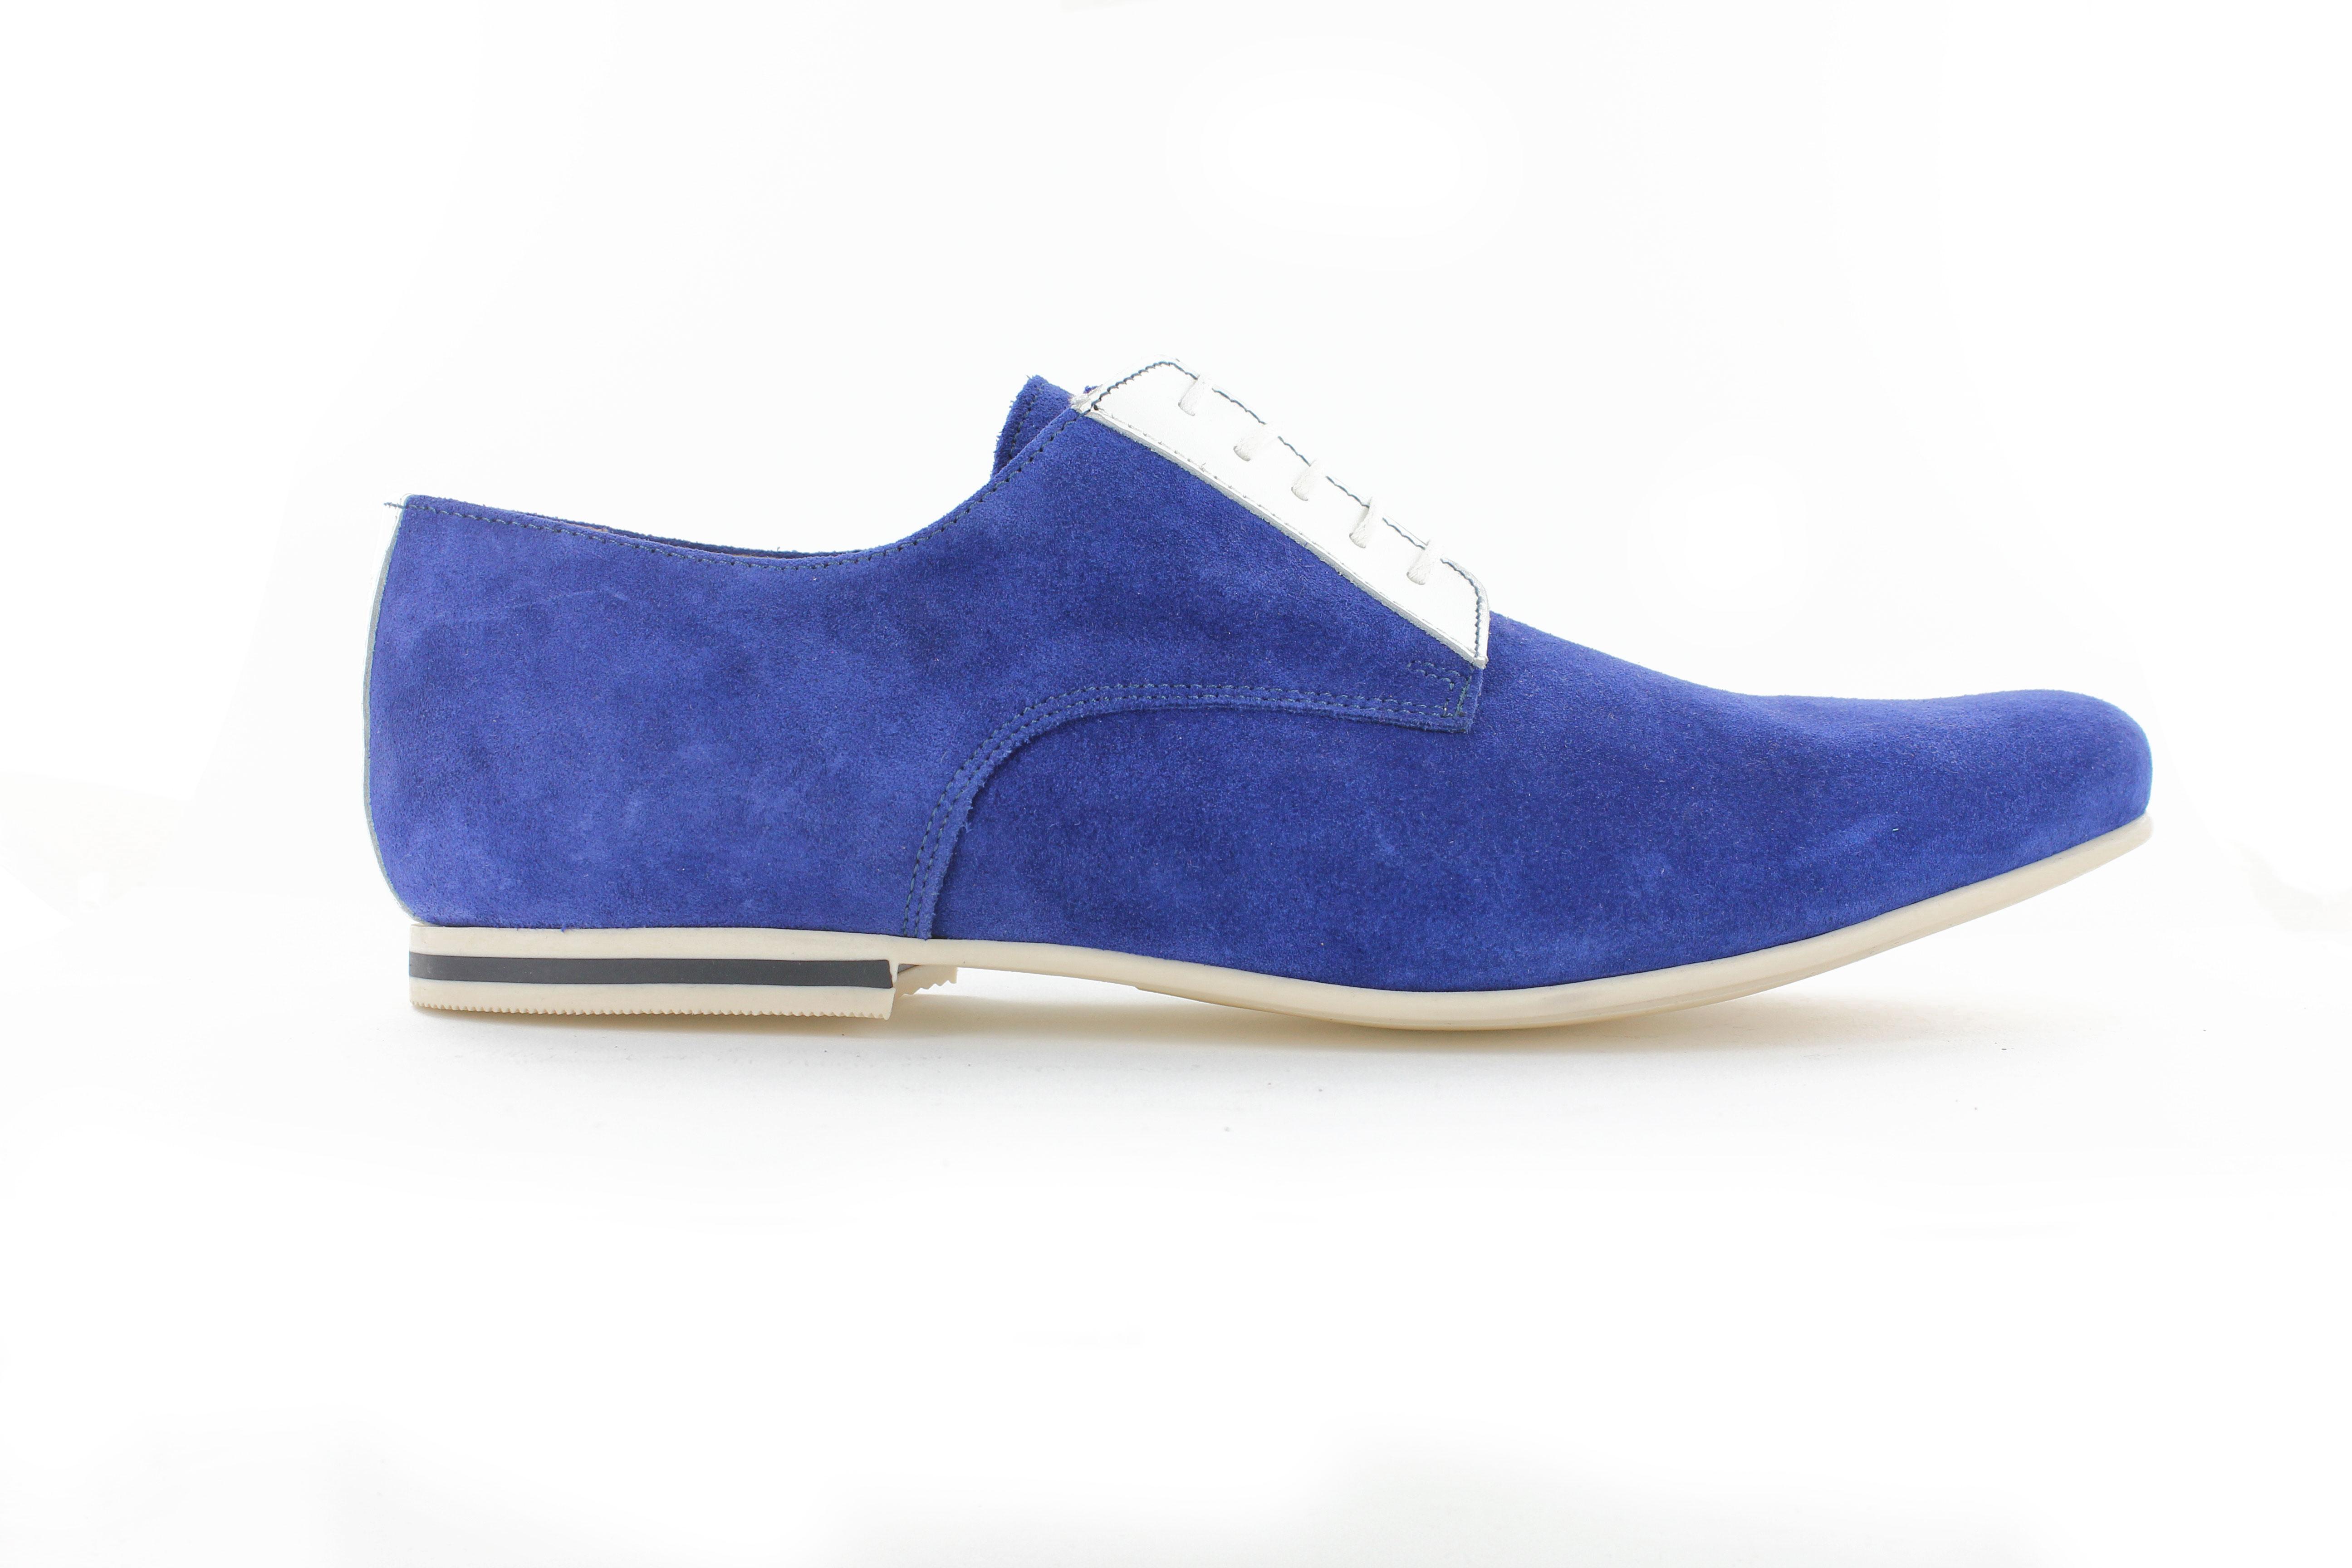 derby-bleu-klein-ete-les-fleches-de-phebus_1